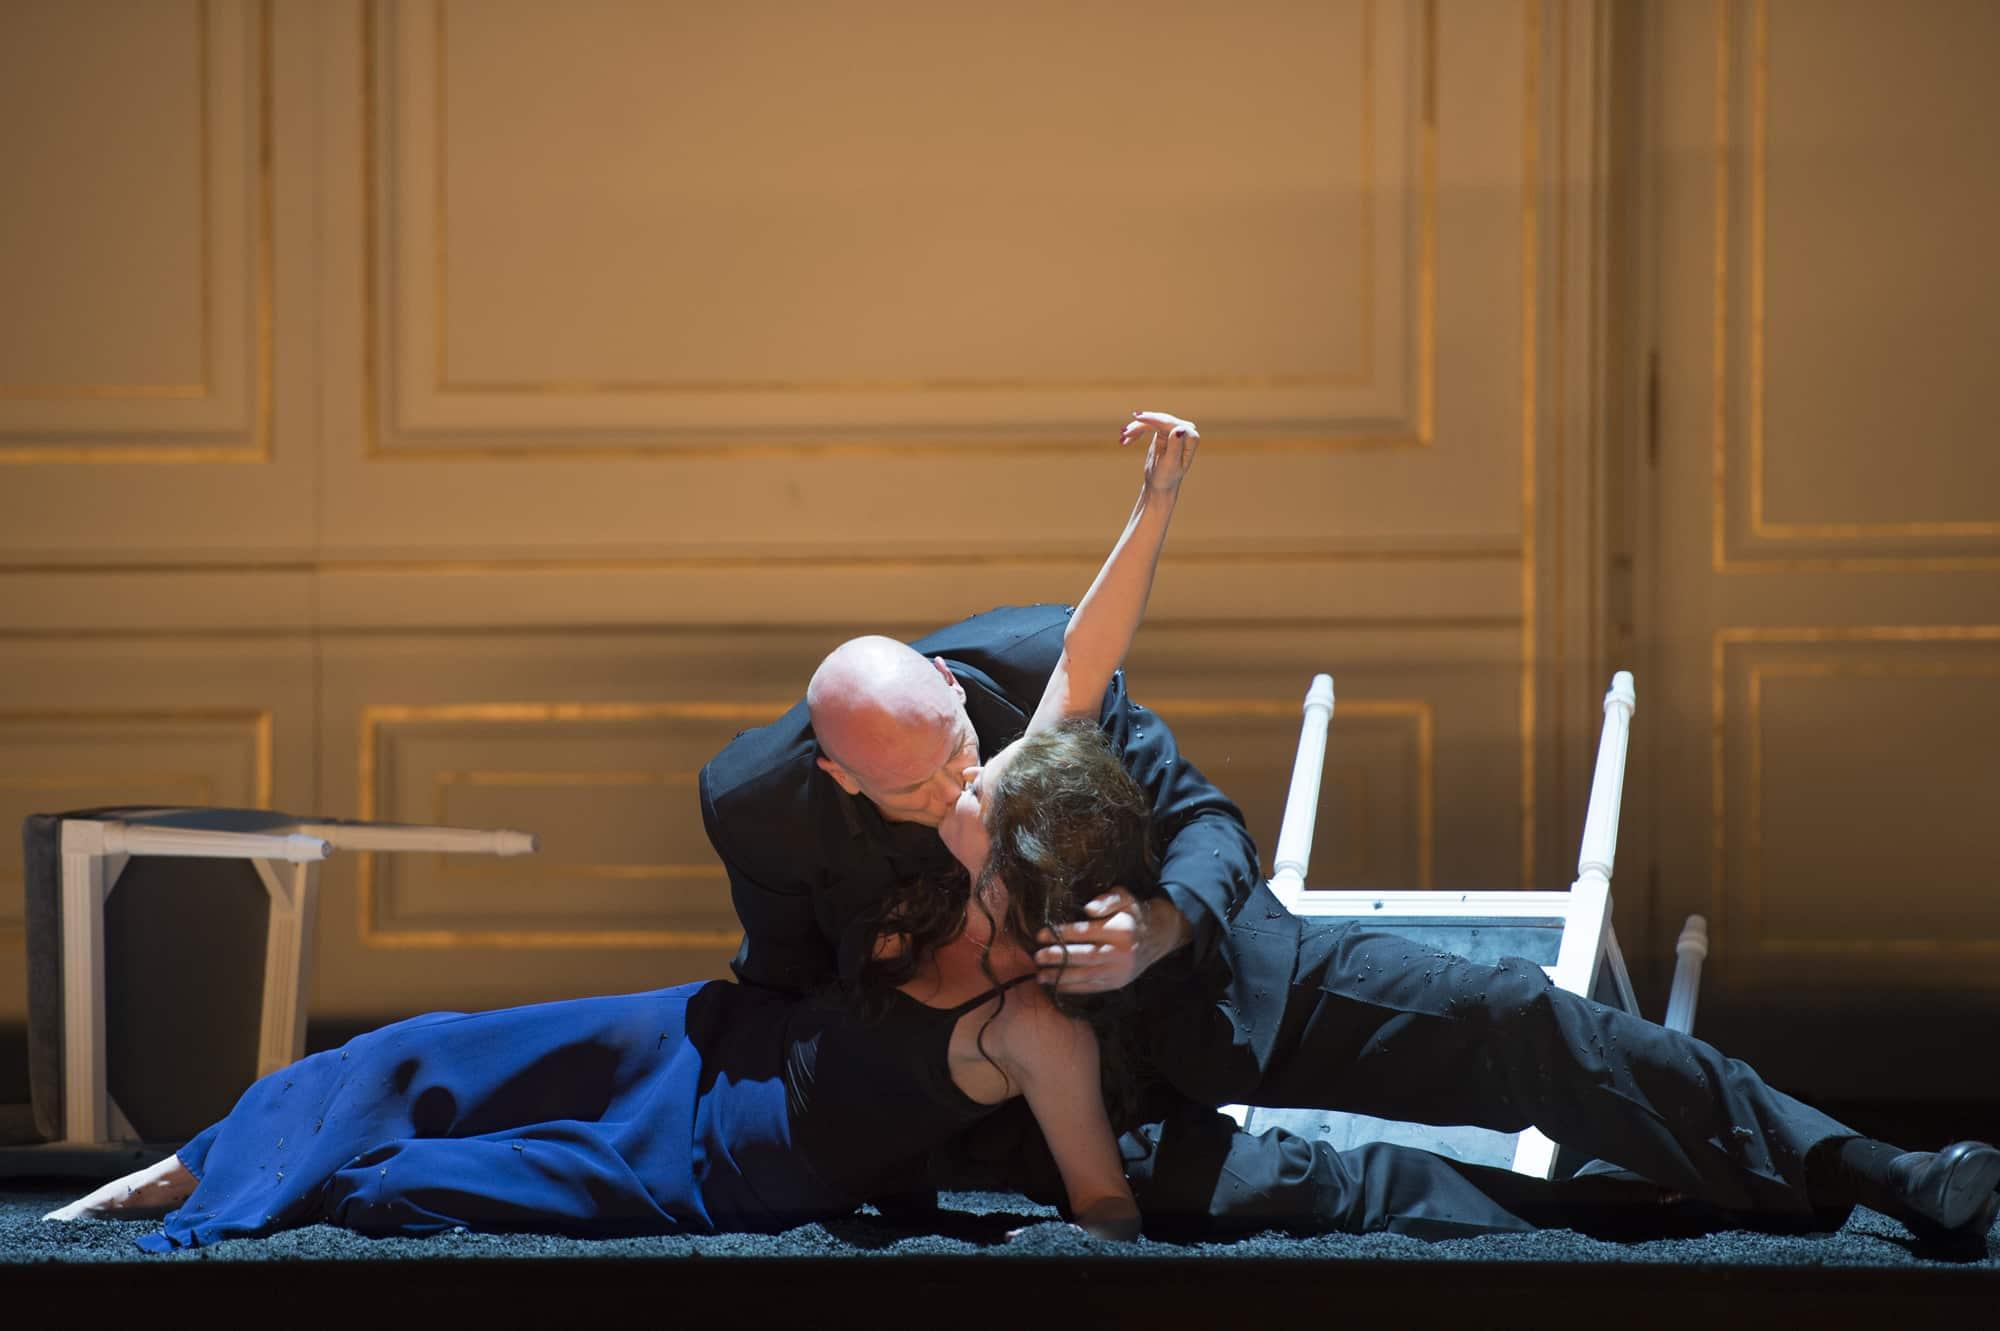 Monika_Rittershaus___Opera_national_de_Paris-Berenice-18.19-c-Monika-Rittershaus-4-